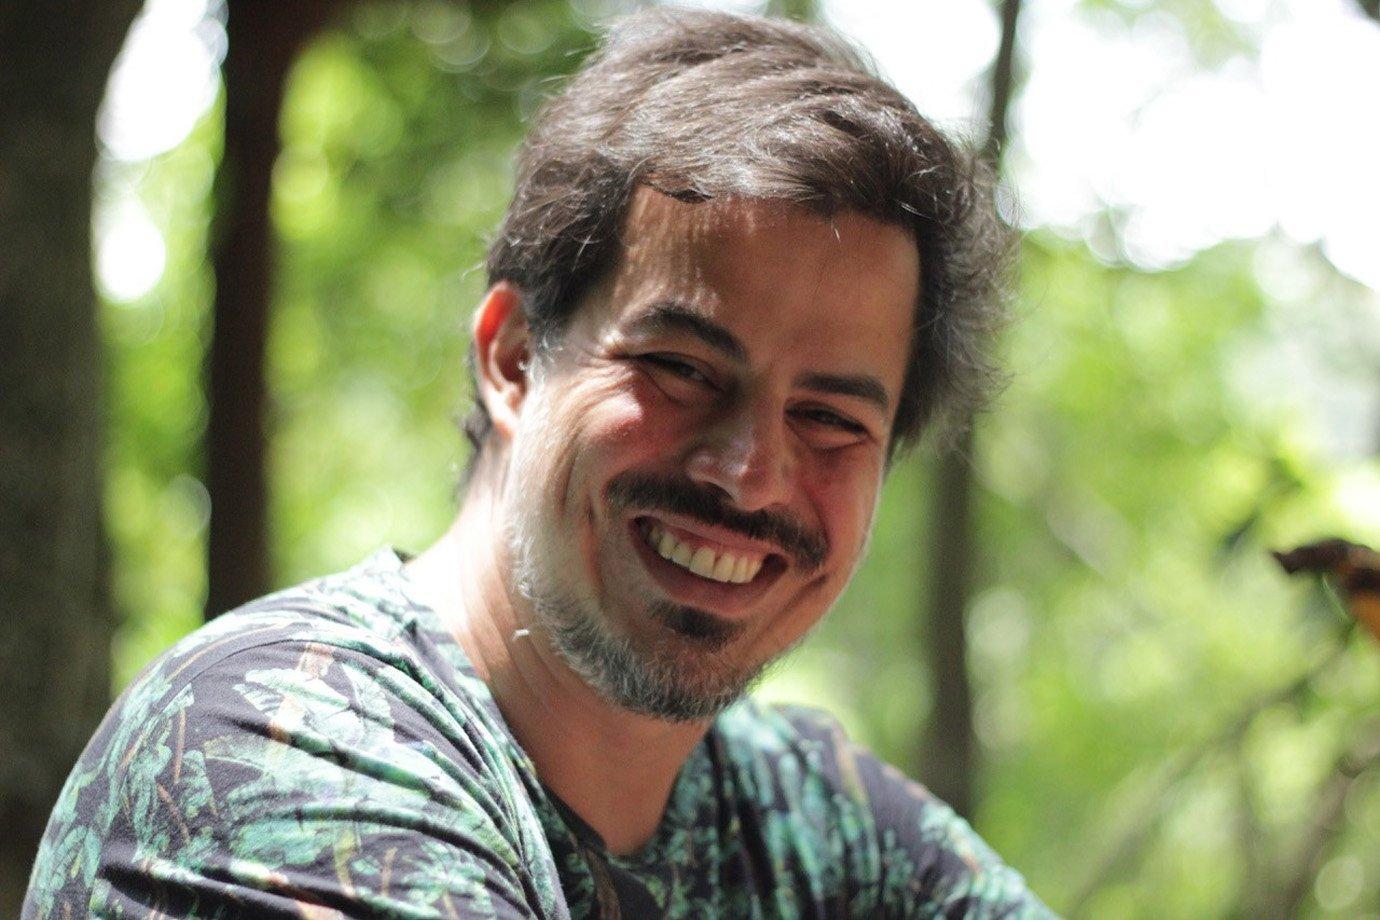 O designer Wolfgang Menke, 37 anos